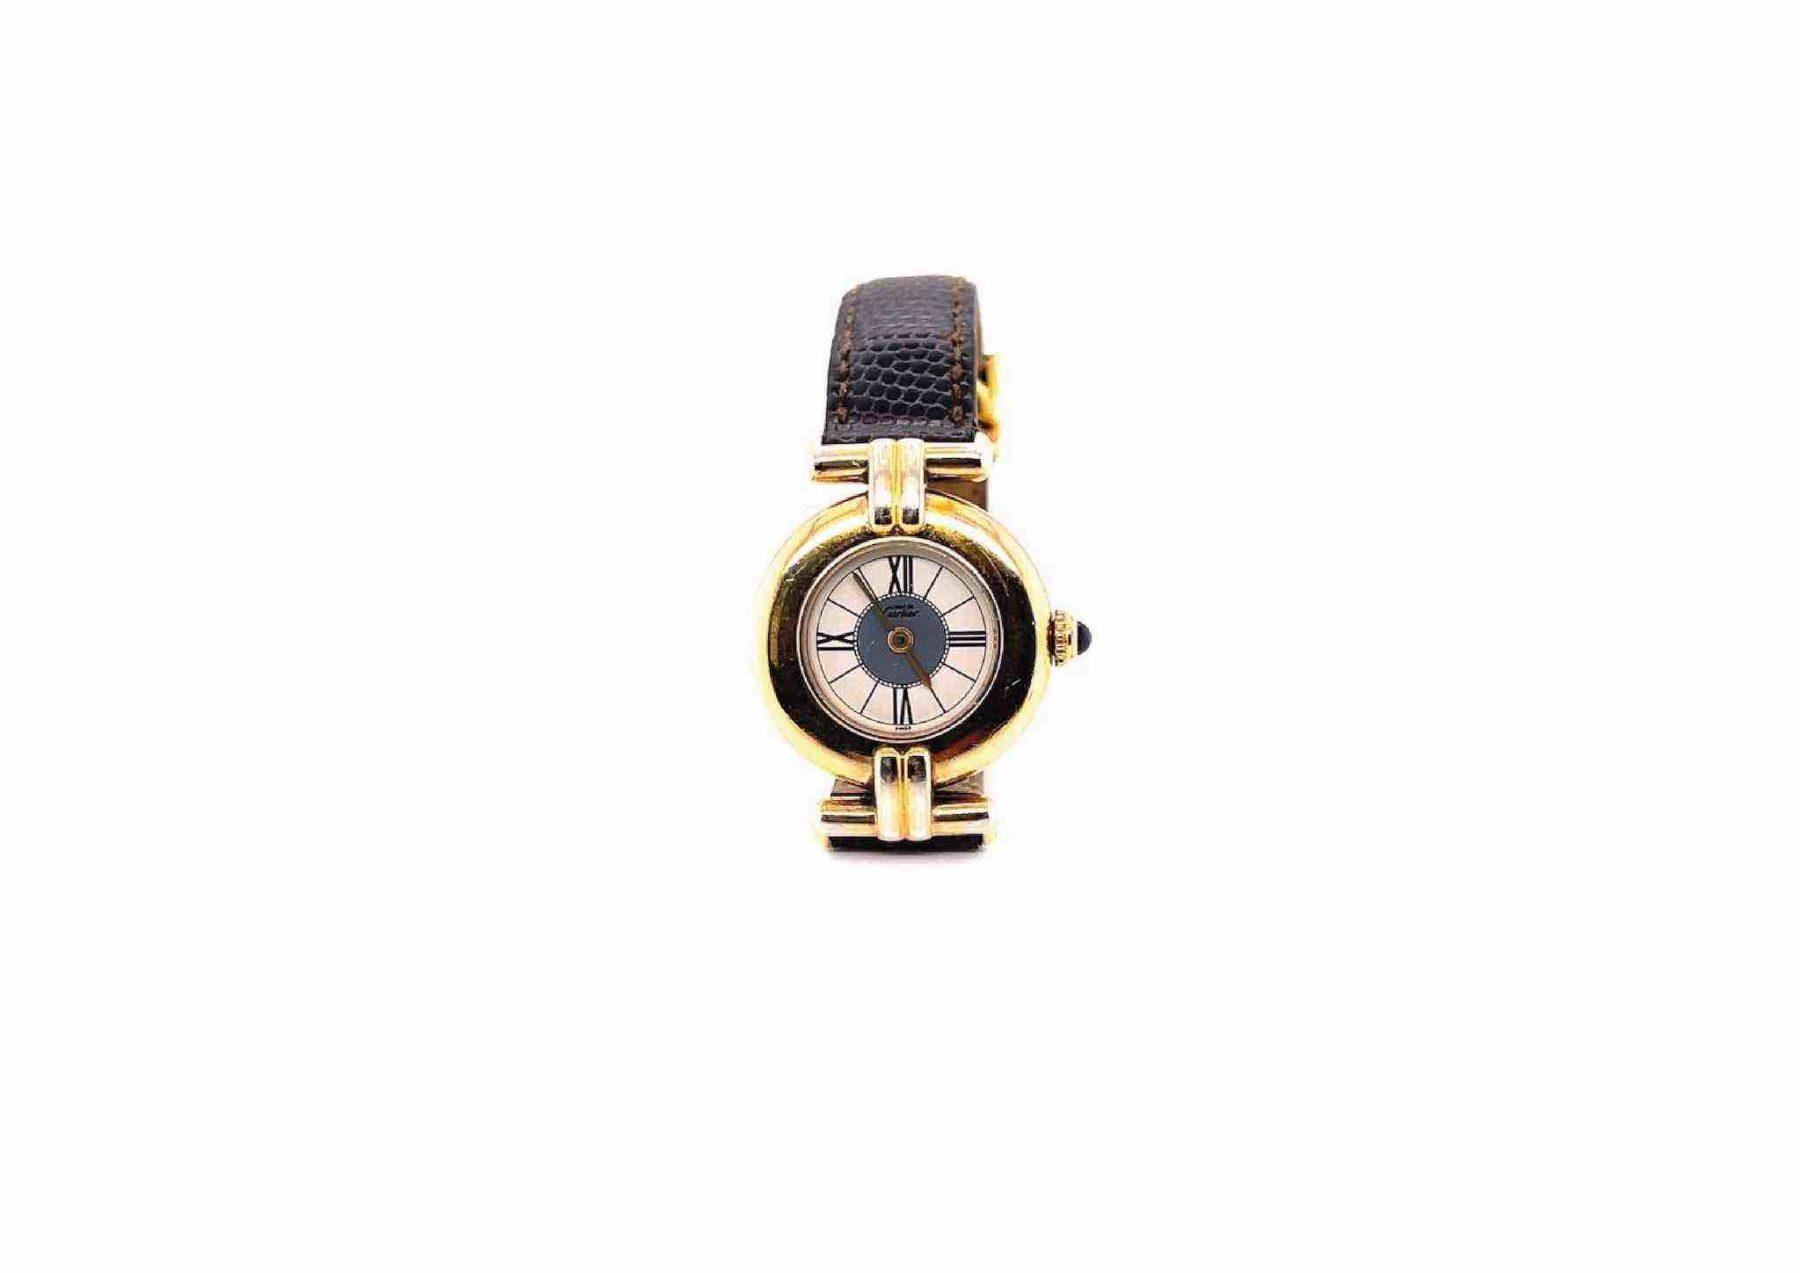 Montre Cartier Vendôme bracelet cuir